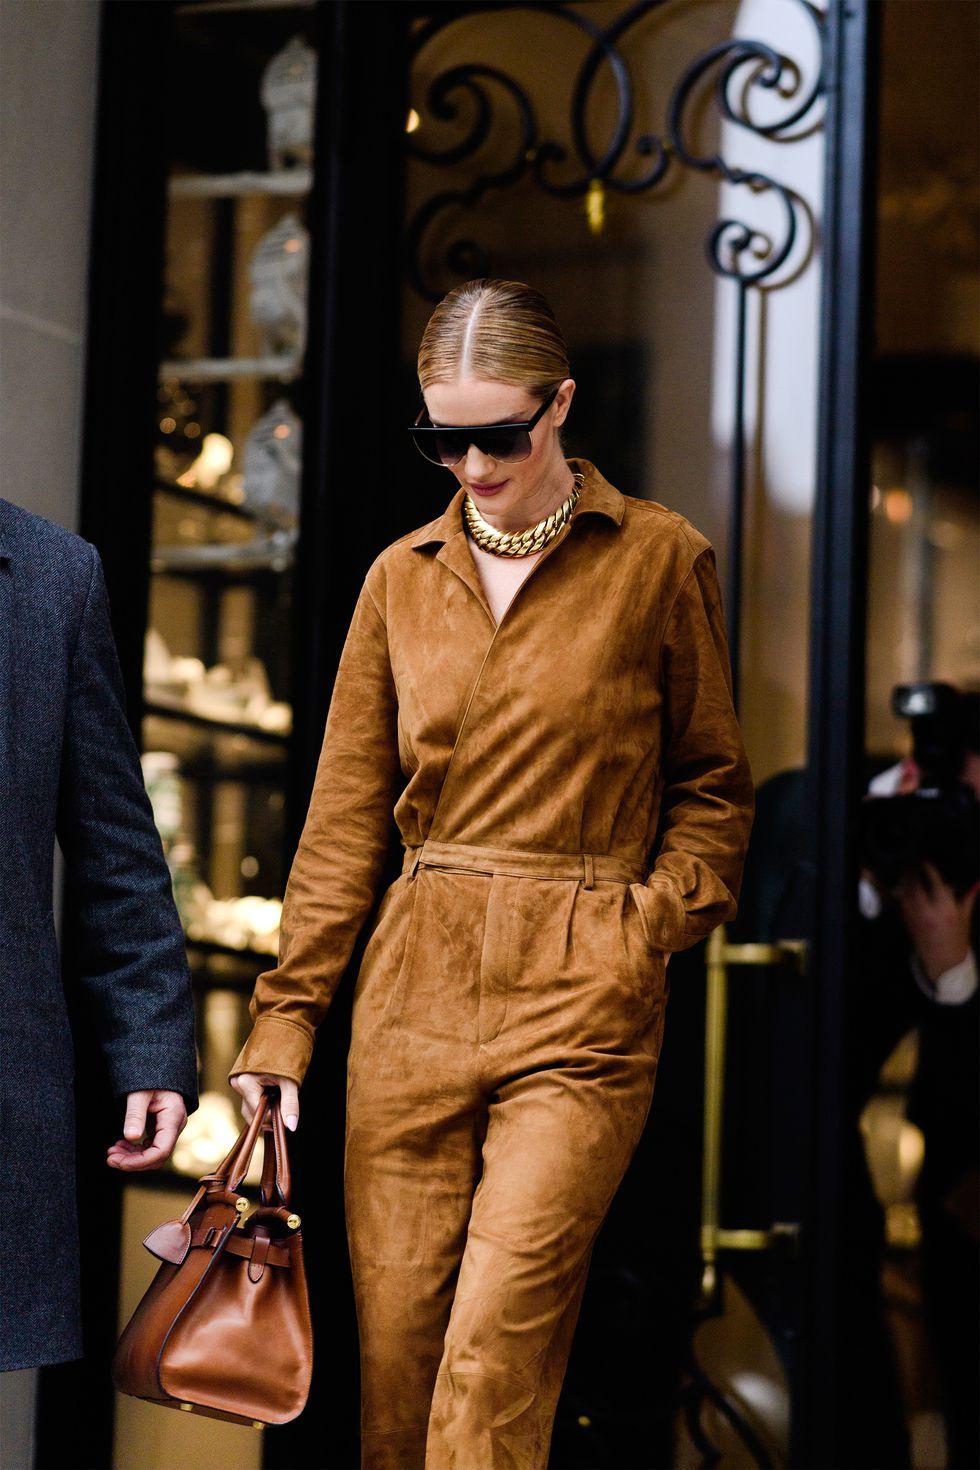 """xu hướng thời trang đường phố hứa hẹn sẽ """"khuấy động"""" làng mốt 18"""